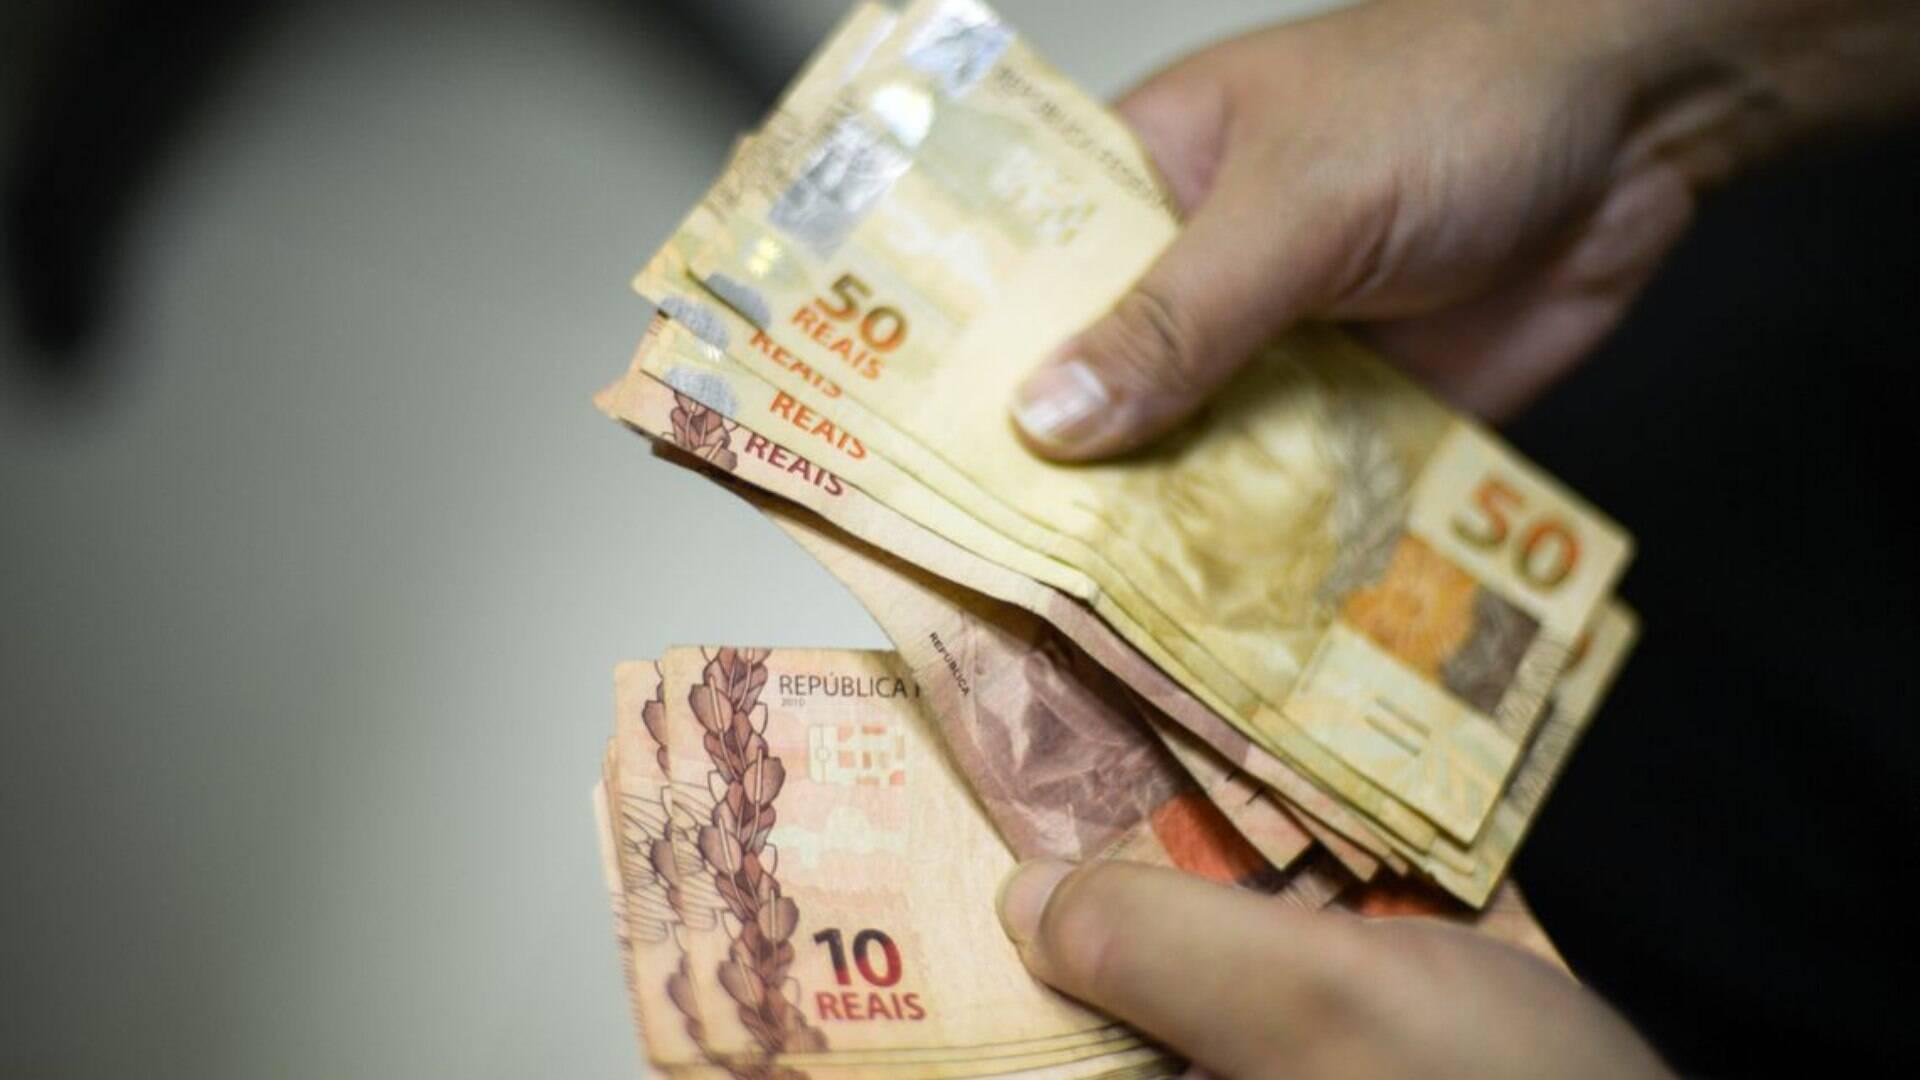 Conheça 5 maneiras de ganhar dinheiro sem sair de casa - Economia - iG